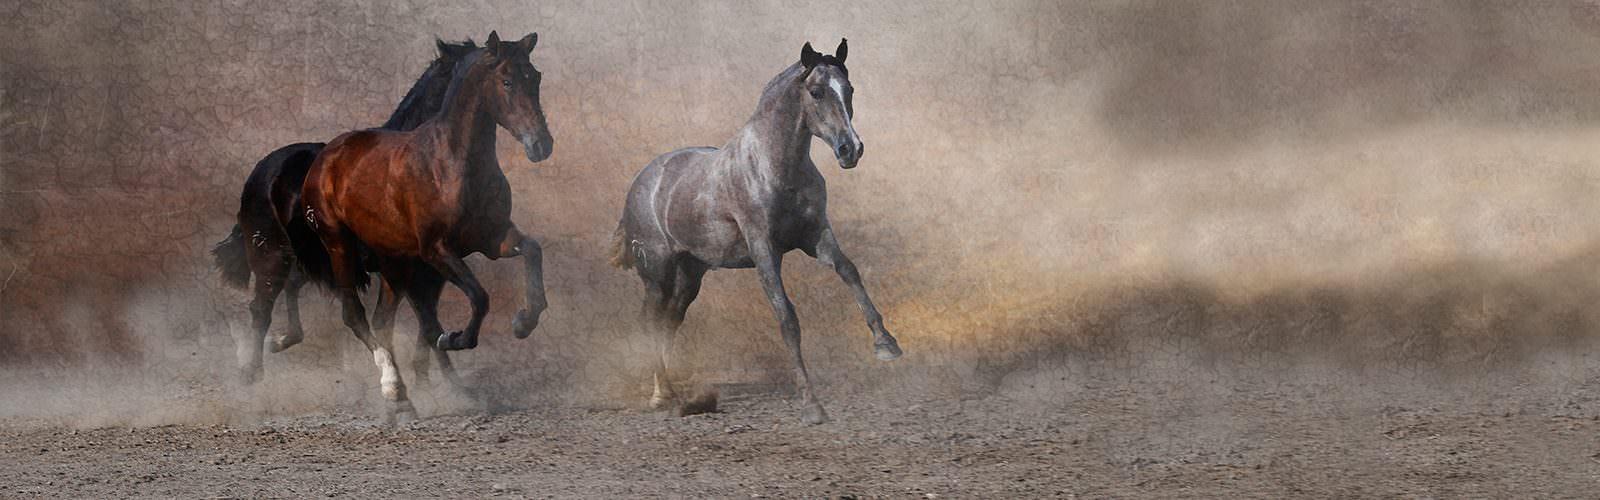 Sales Horses